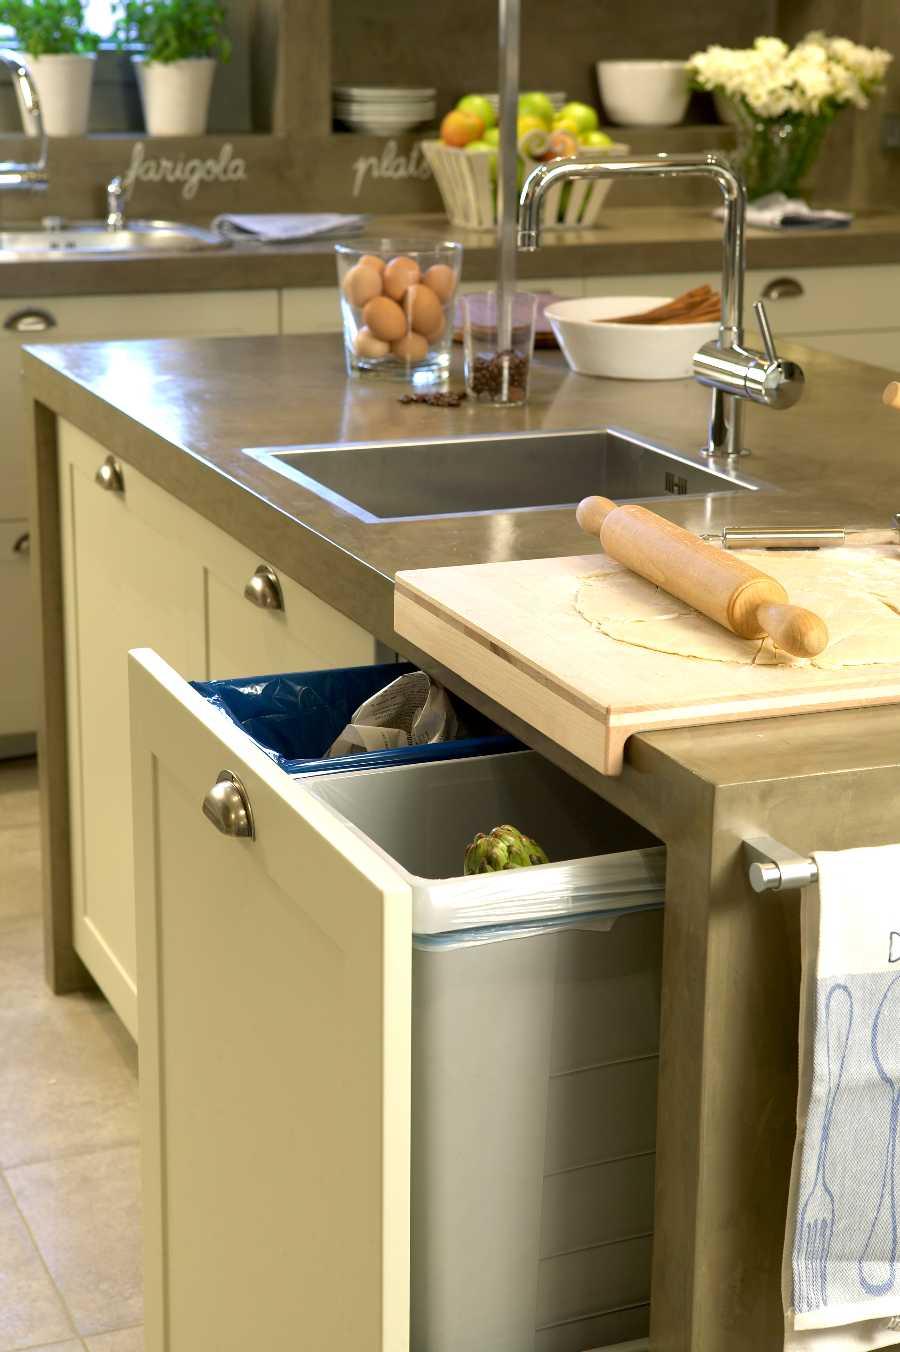 La basura en la cocina una cuesti n de selecci n for Cocinar alcachofas de bote